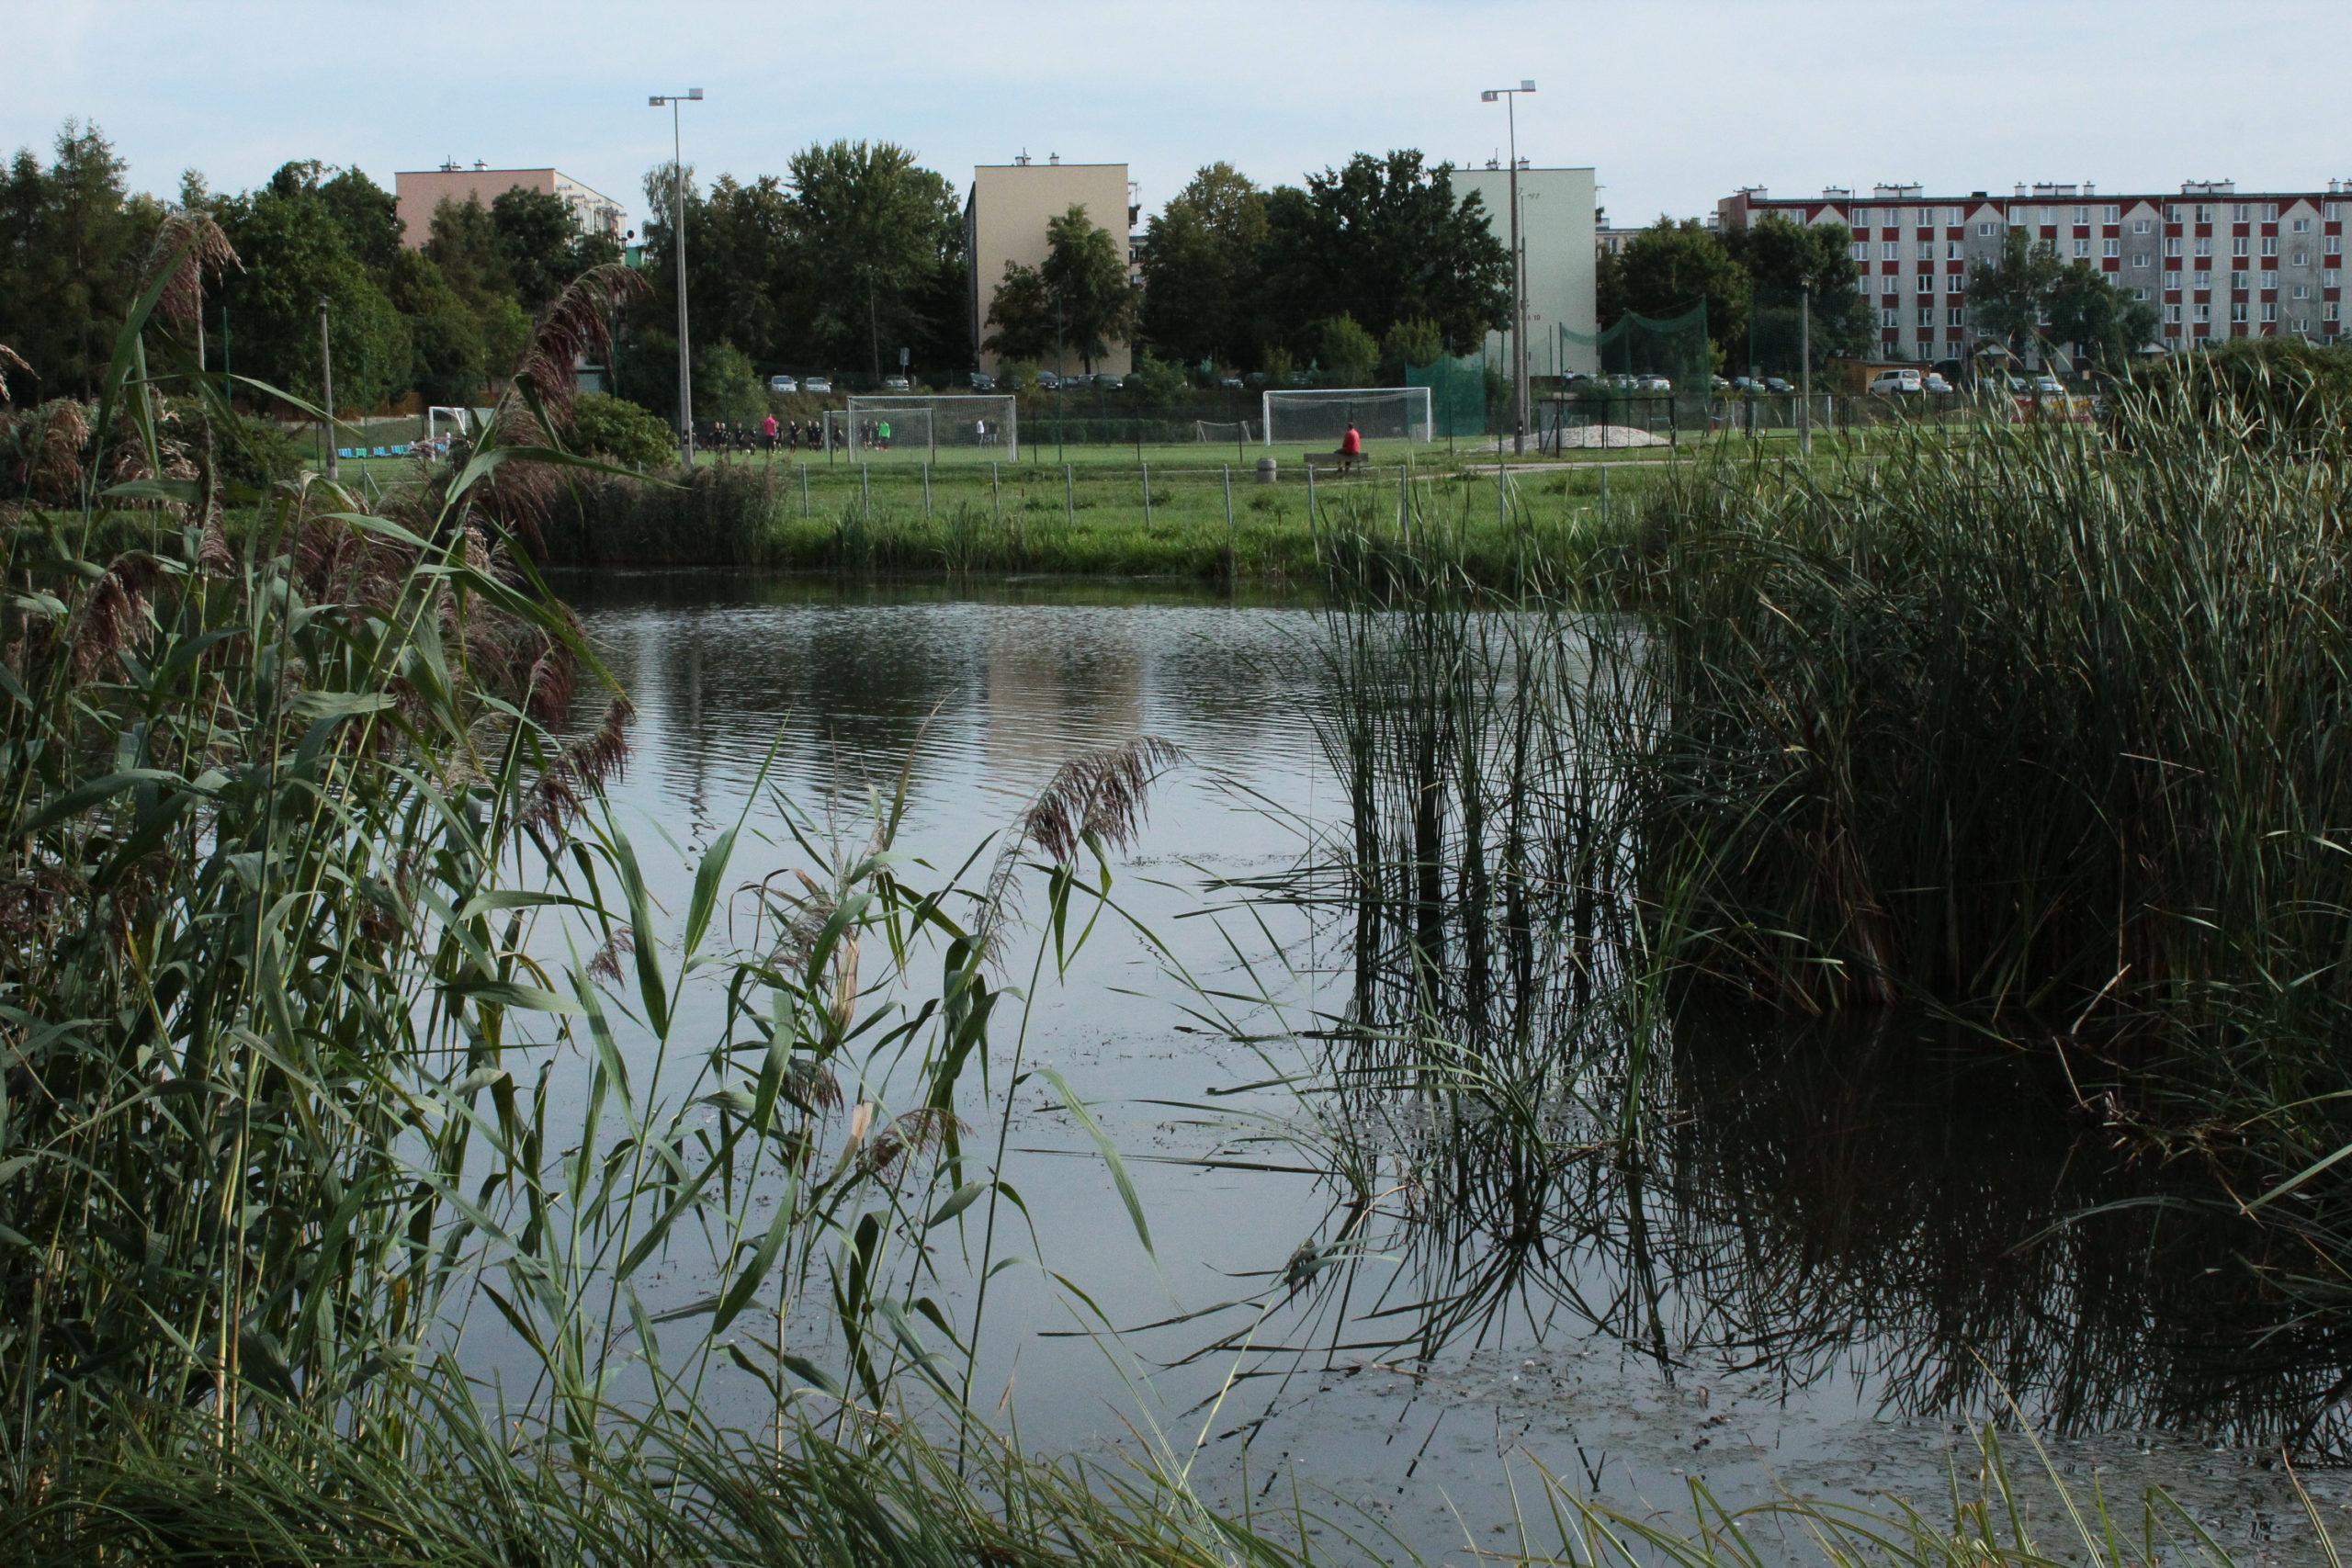 widok na jeziorko w tle orlik i osiedle